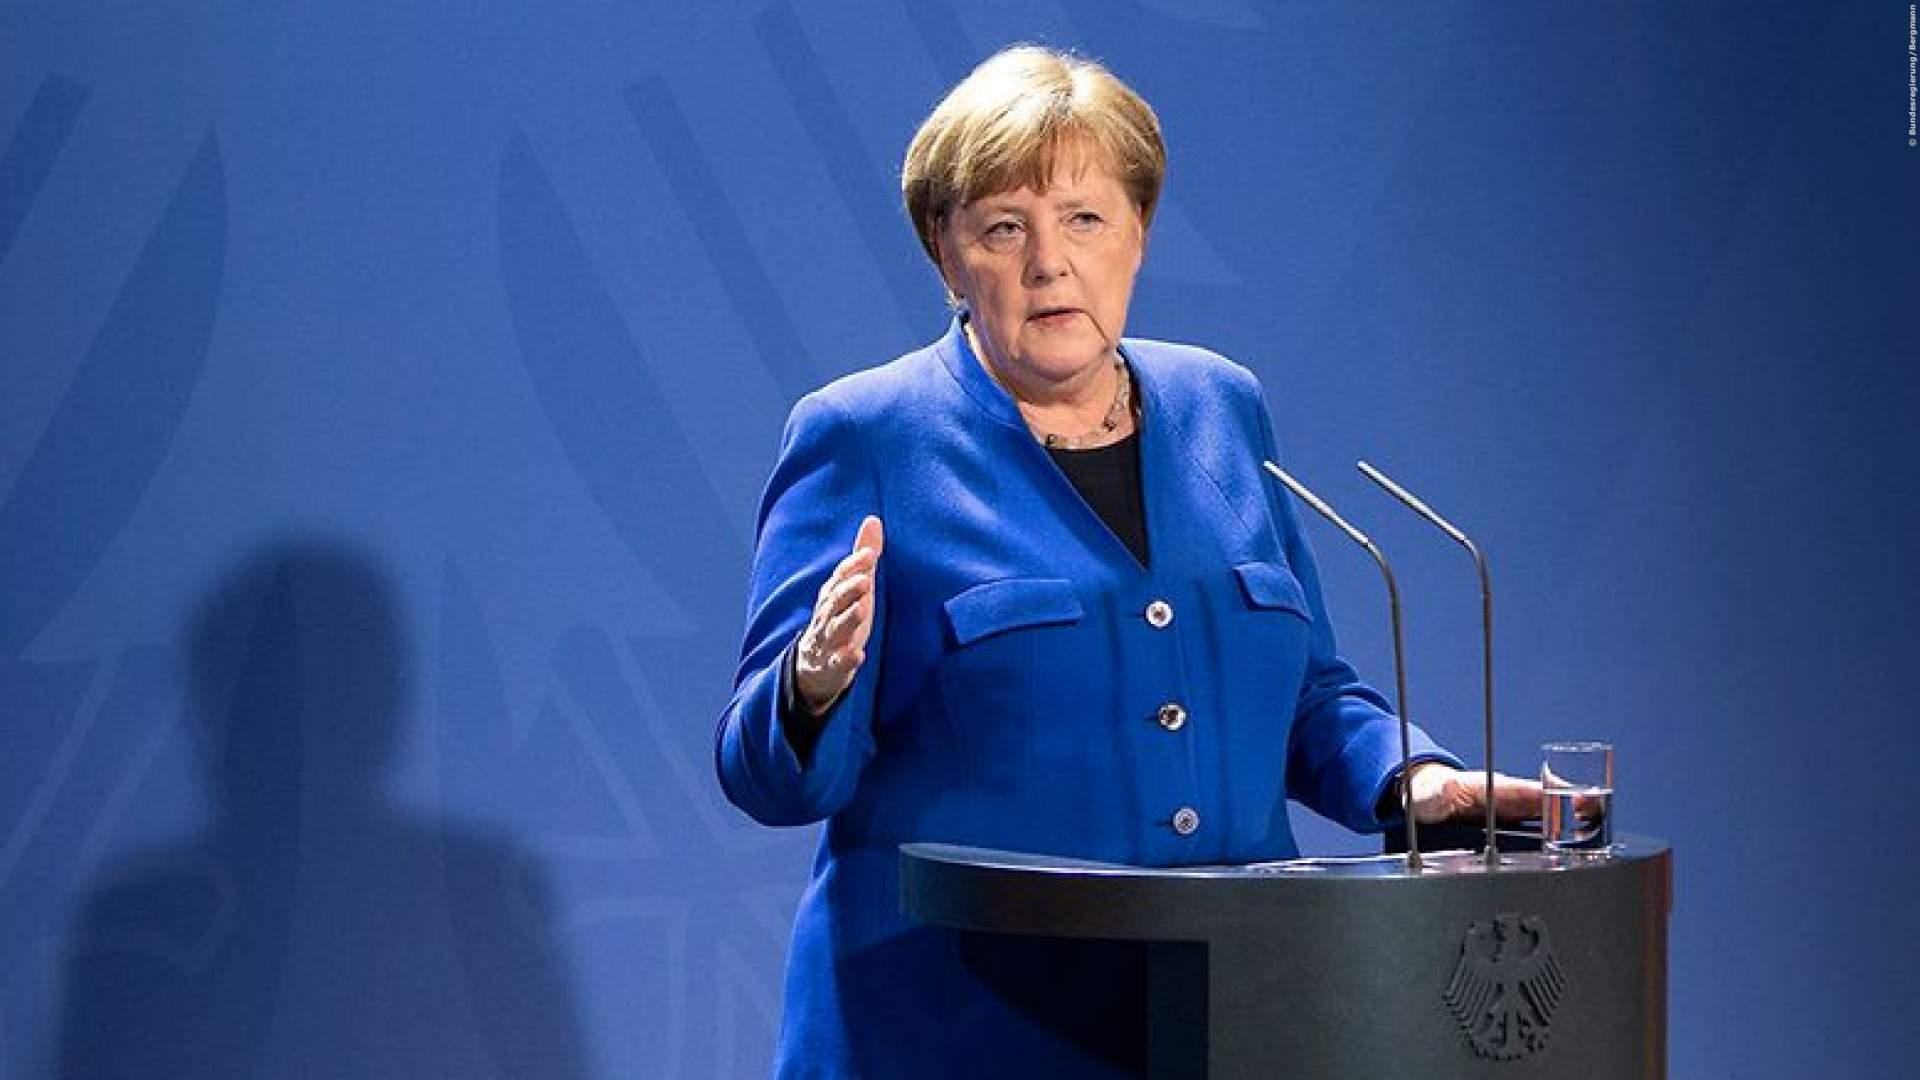 Ansprache Der Bundeskanzlerin Ard